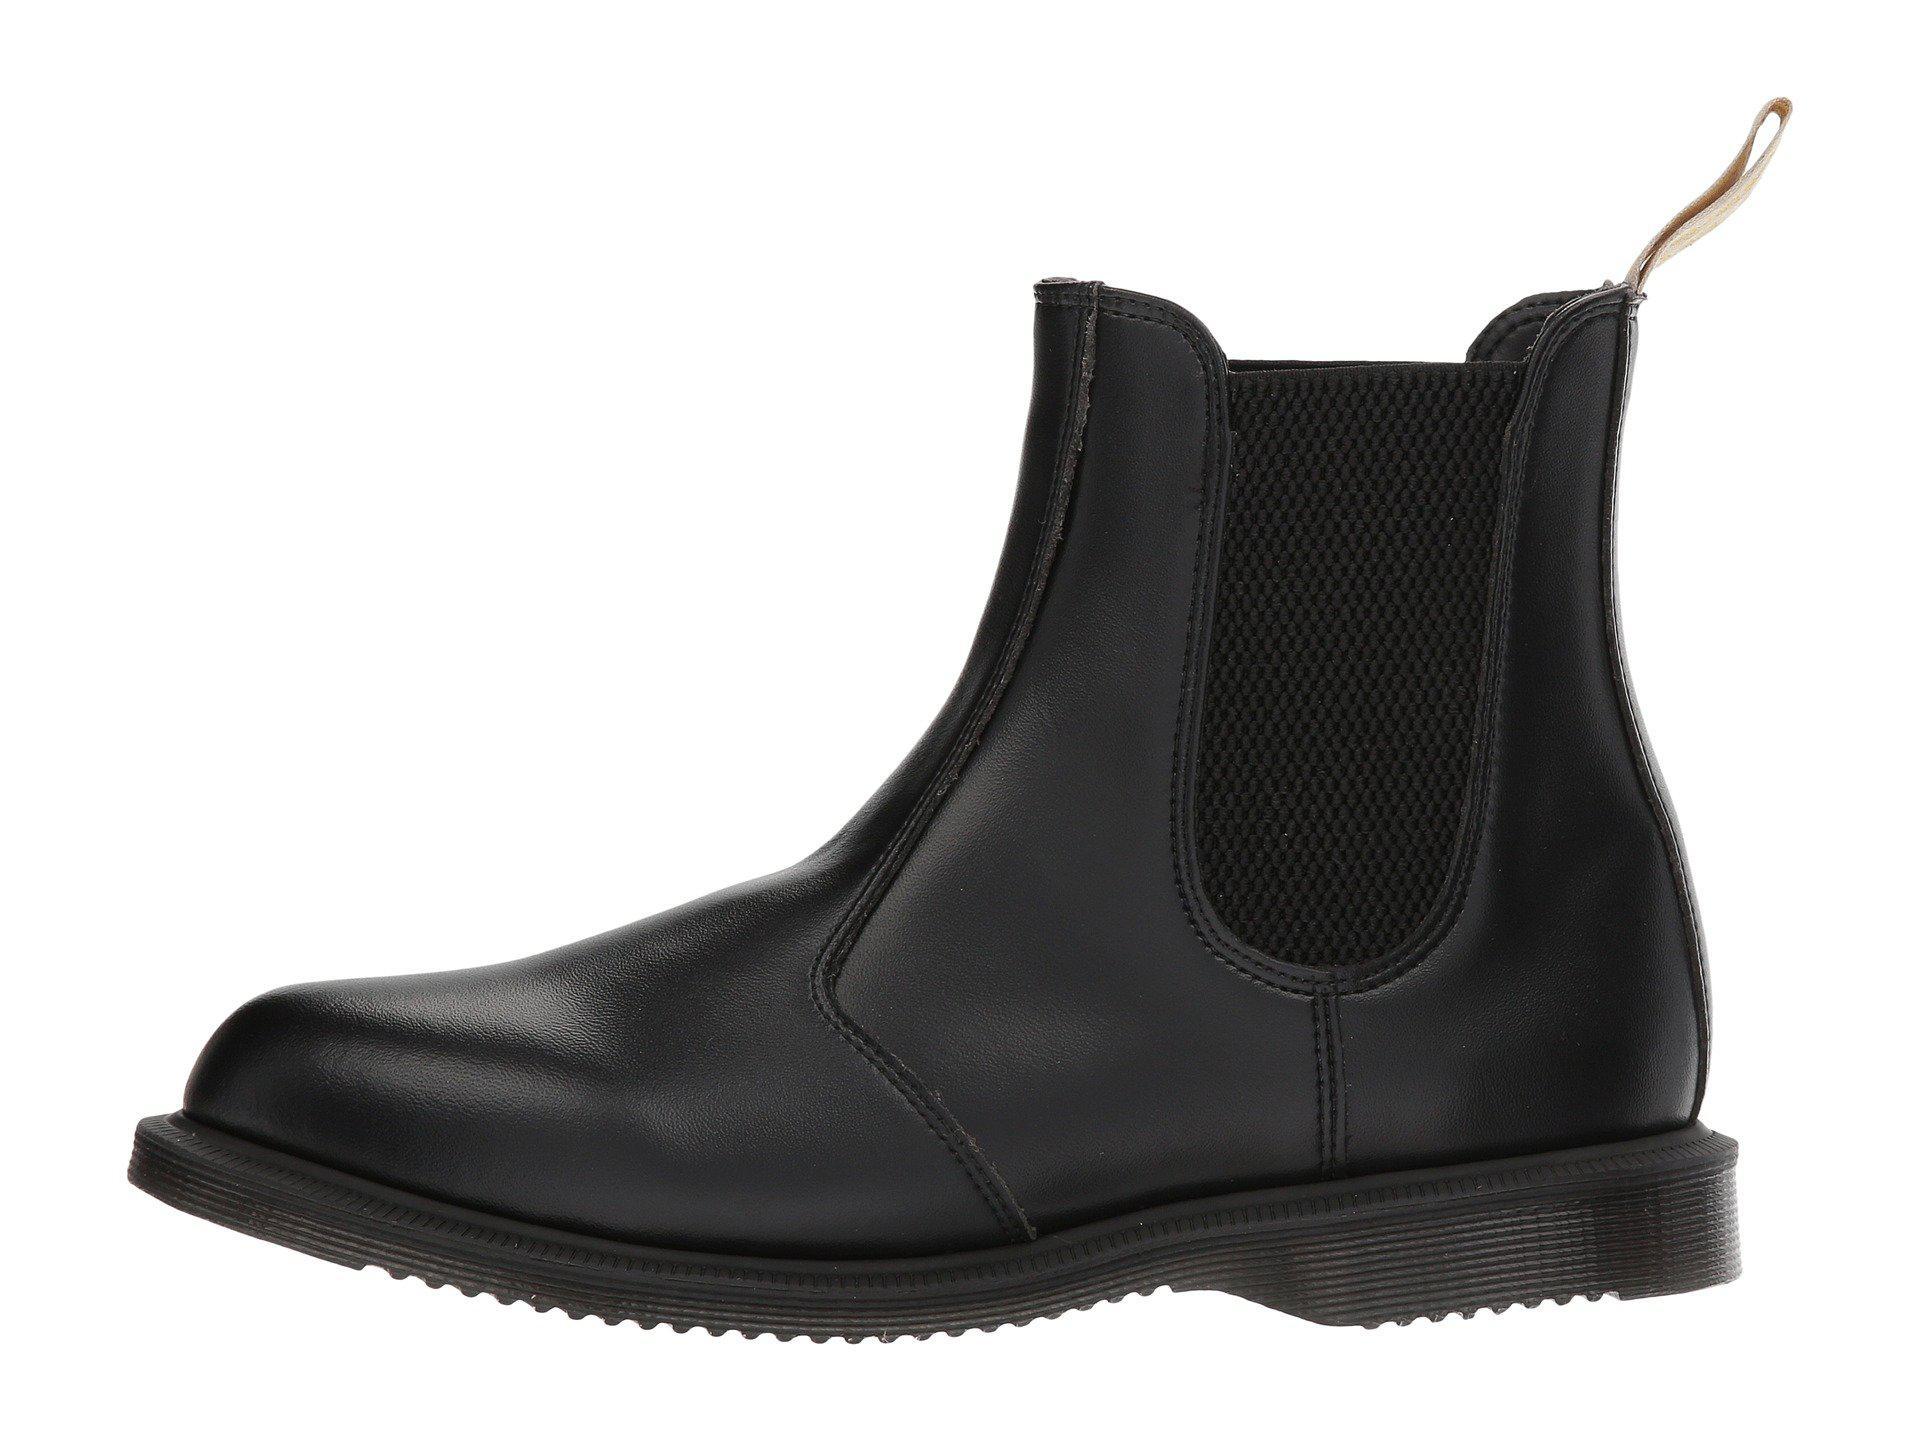 Neu Dr Martens Vegan Flora Chelsea Stiefel Damen Im Schwarz Sale